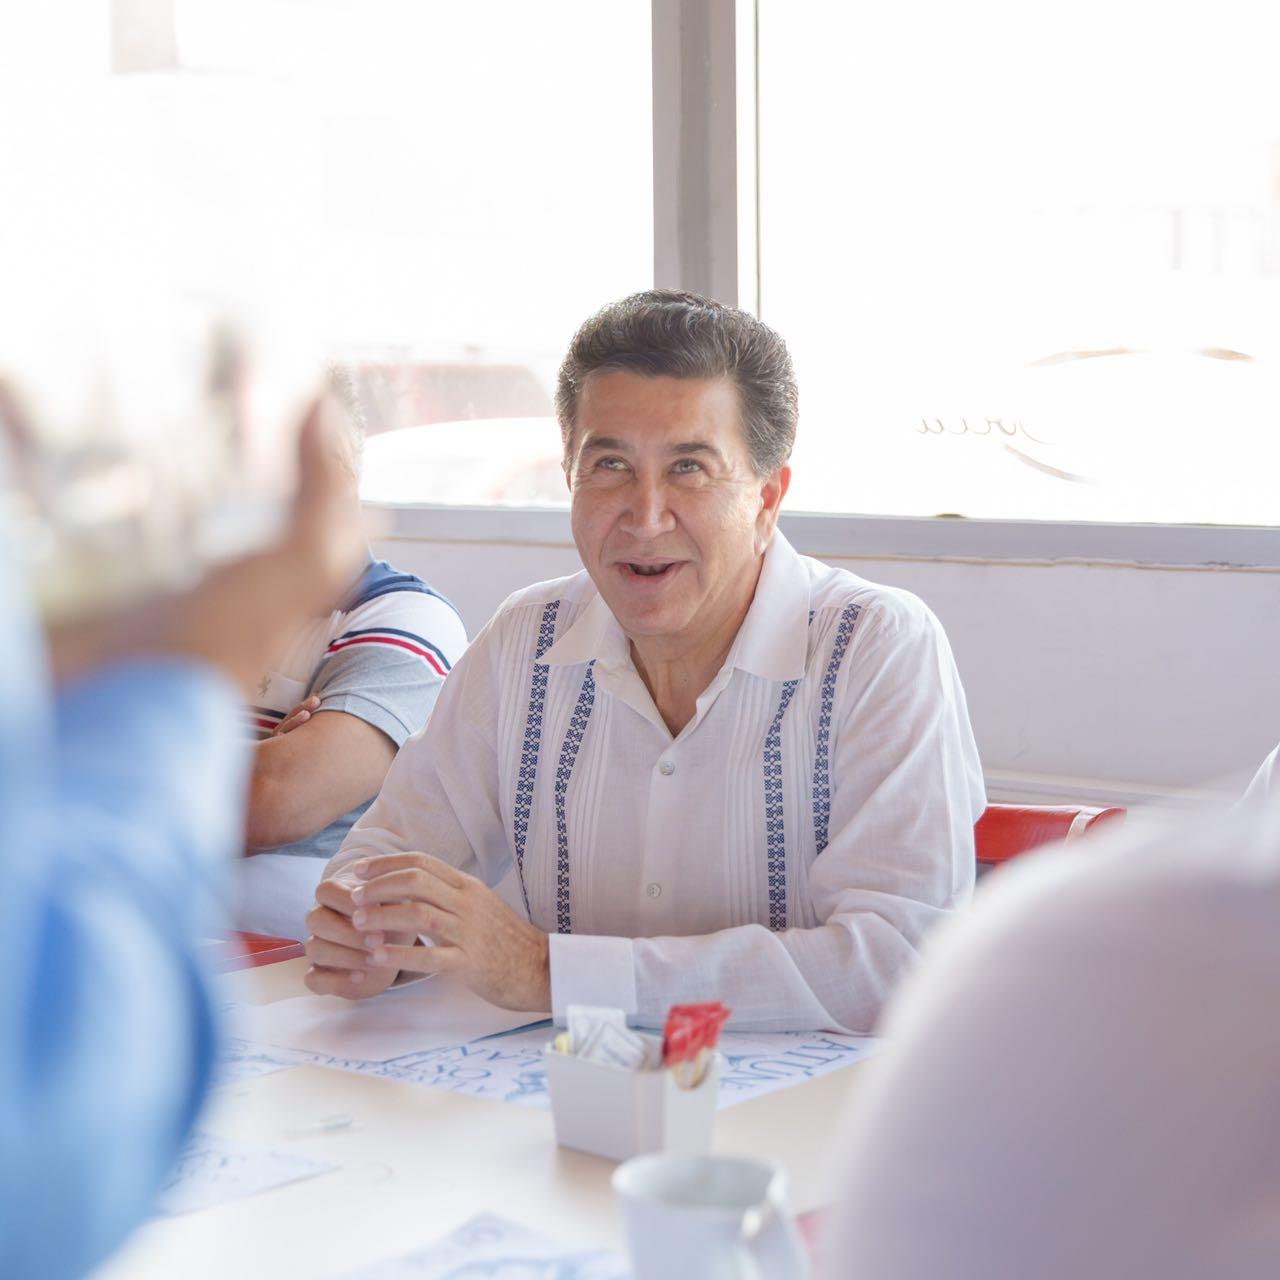 Veracruz sí ha crecido, pero en inseguridad desempleo y deuda pública: Héctor Yunes